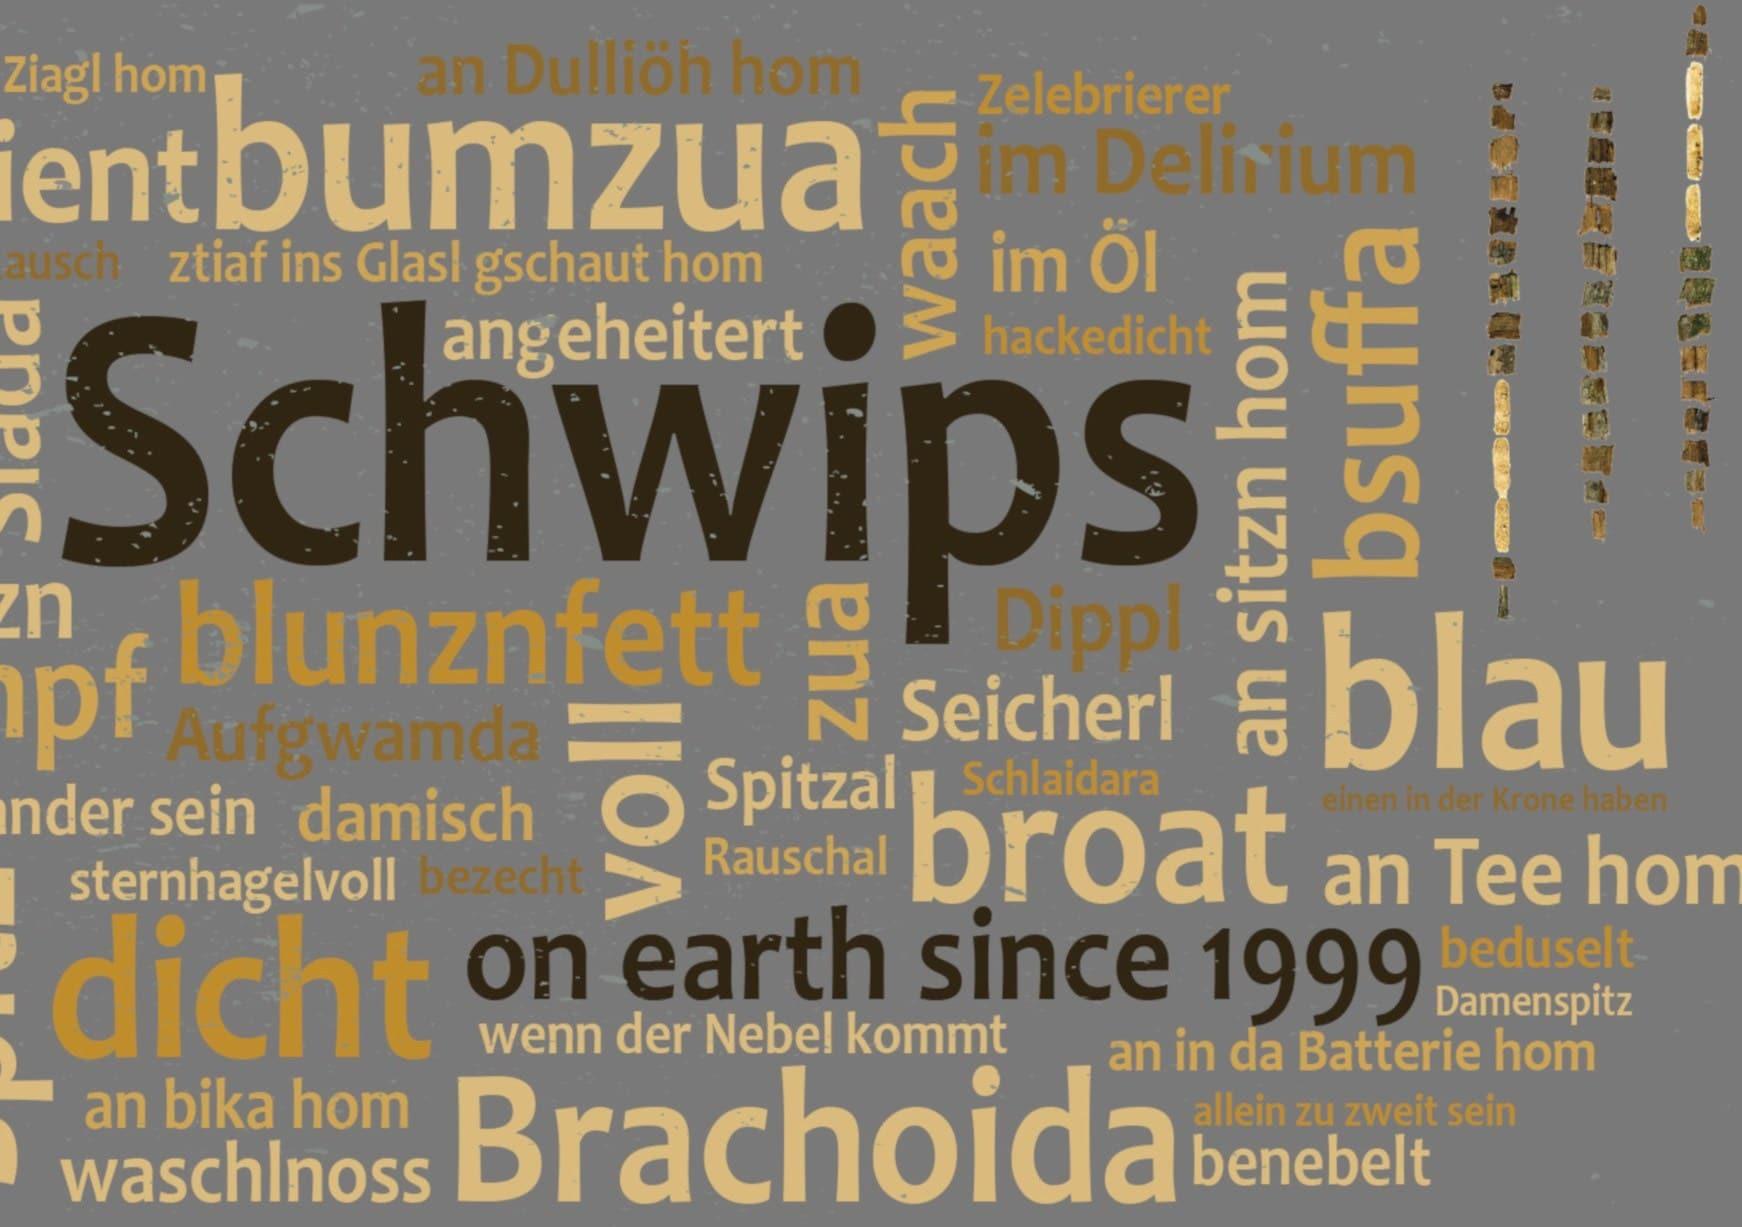 Schwips - Bio-Frizzante